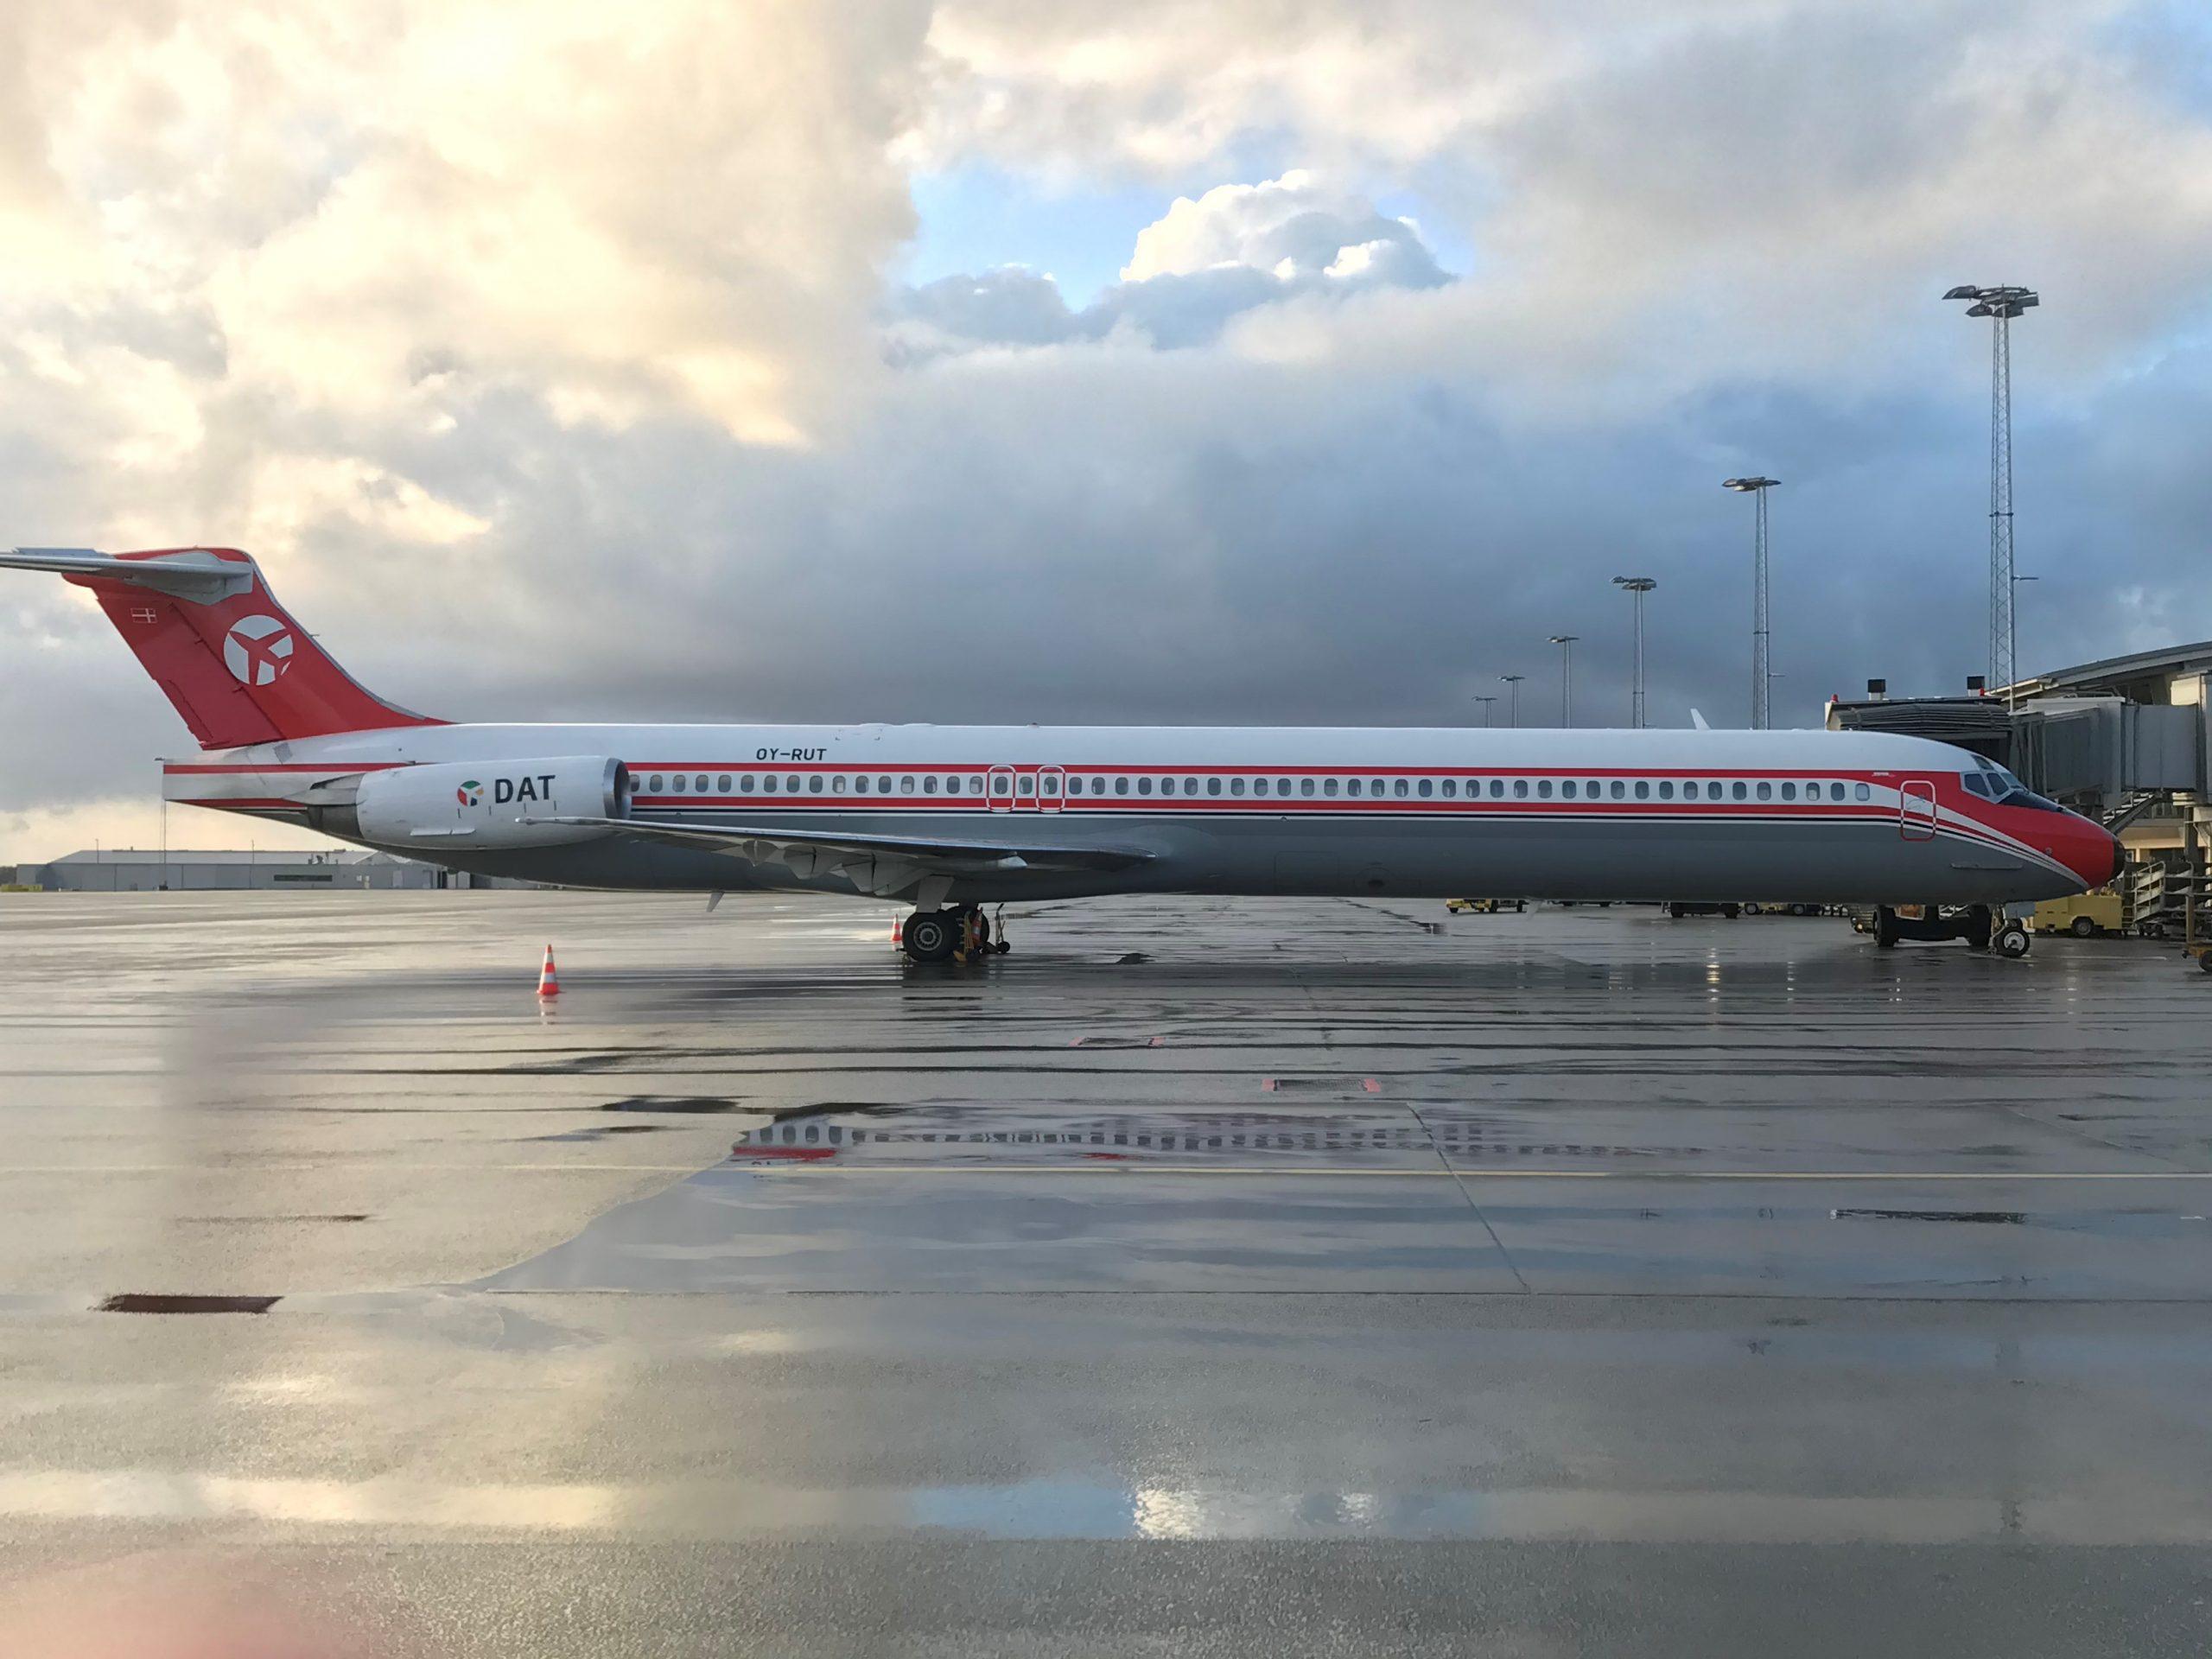 McDonnell Douglas MD-82 fra DAT i Billund Lufthavn. (Foto: Ole Kirchert Christensen)